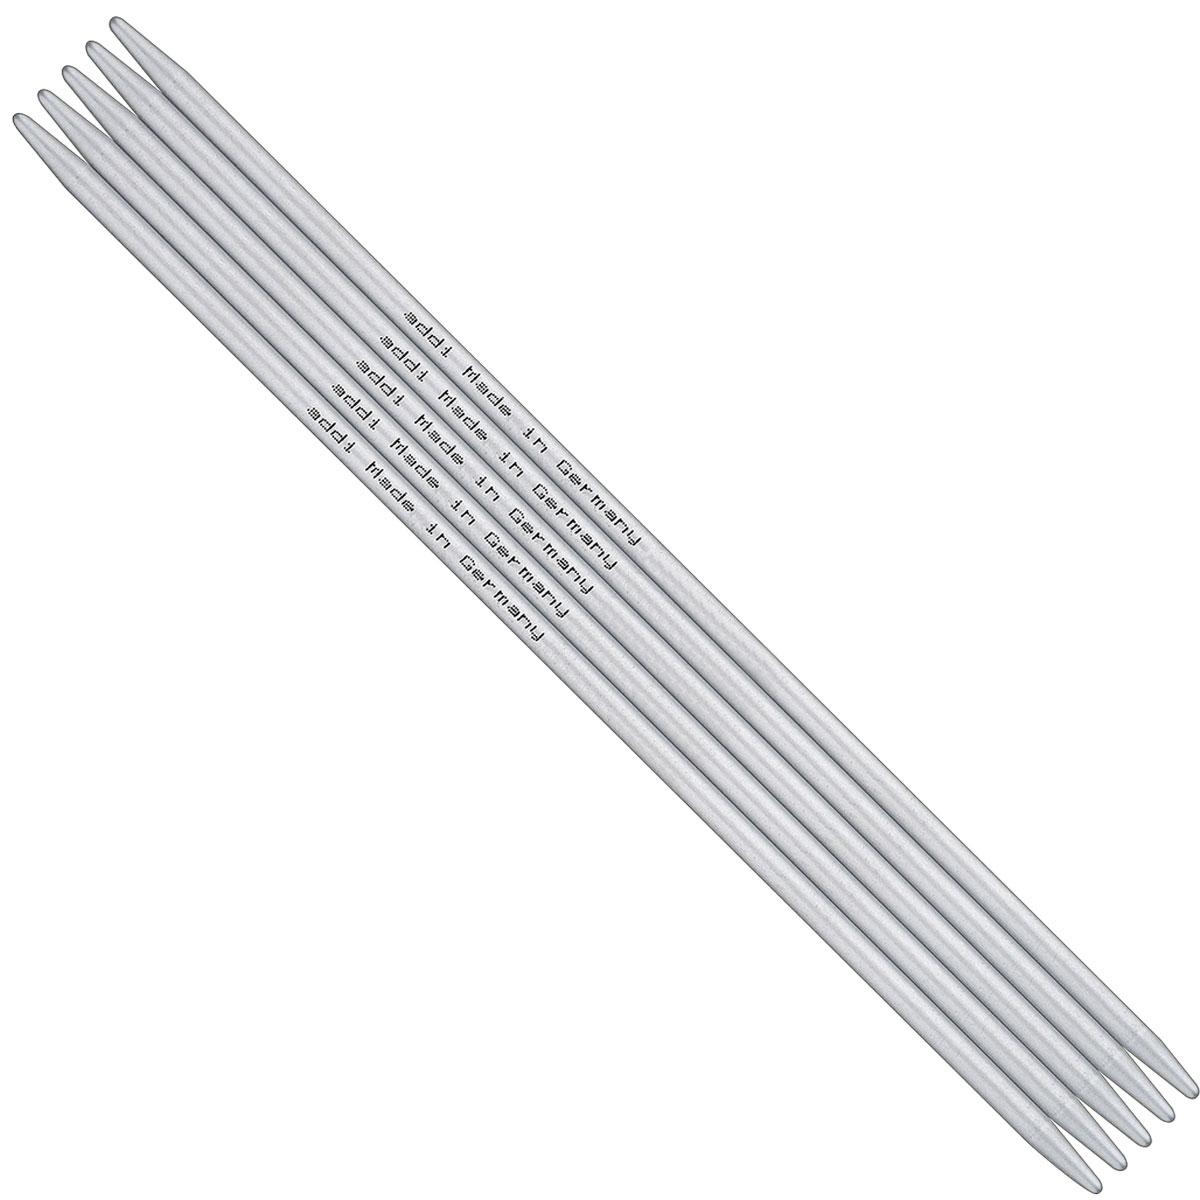 ADDI Спицы, чулочные, алюминий, №2,5, 20 см, 5 шт в блистере201-7/2.5-20Солидные и легкие чулочные спицы из высококачественного алюминия addi обладают прекрасными тактильными качествами и благородным серебристо-матовым цветом. Уникальный стук при вязании радует слух. За счет гладкой поверхности работать с ними легко и удобно. На саму спицу, как и на других артикулах, нанесен размер, длина и знаменитое Made in Germany.